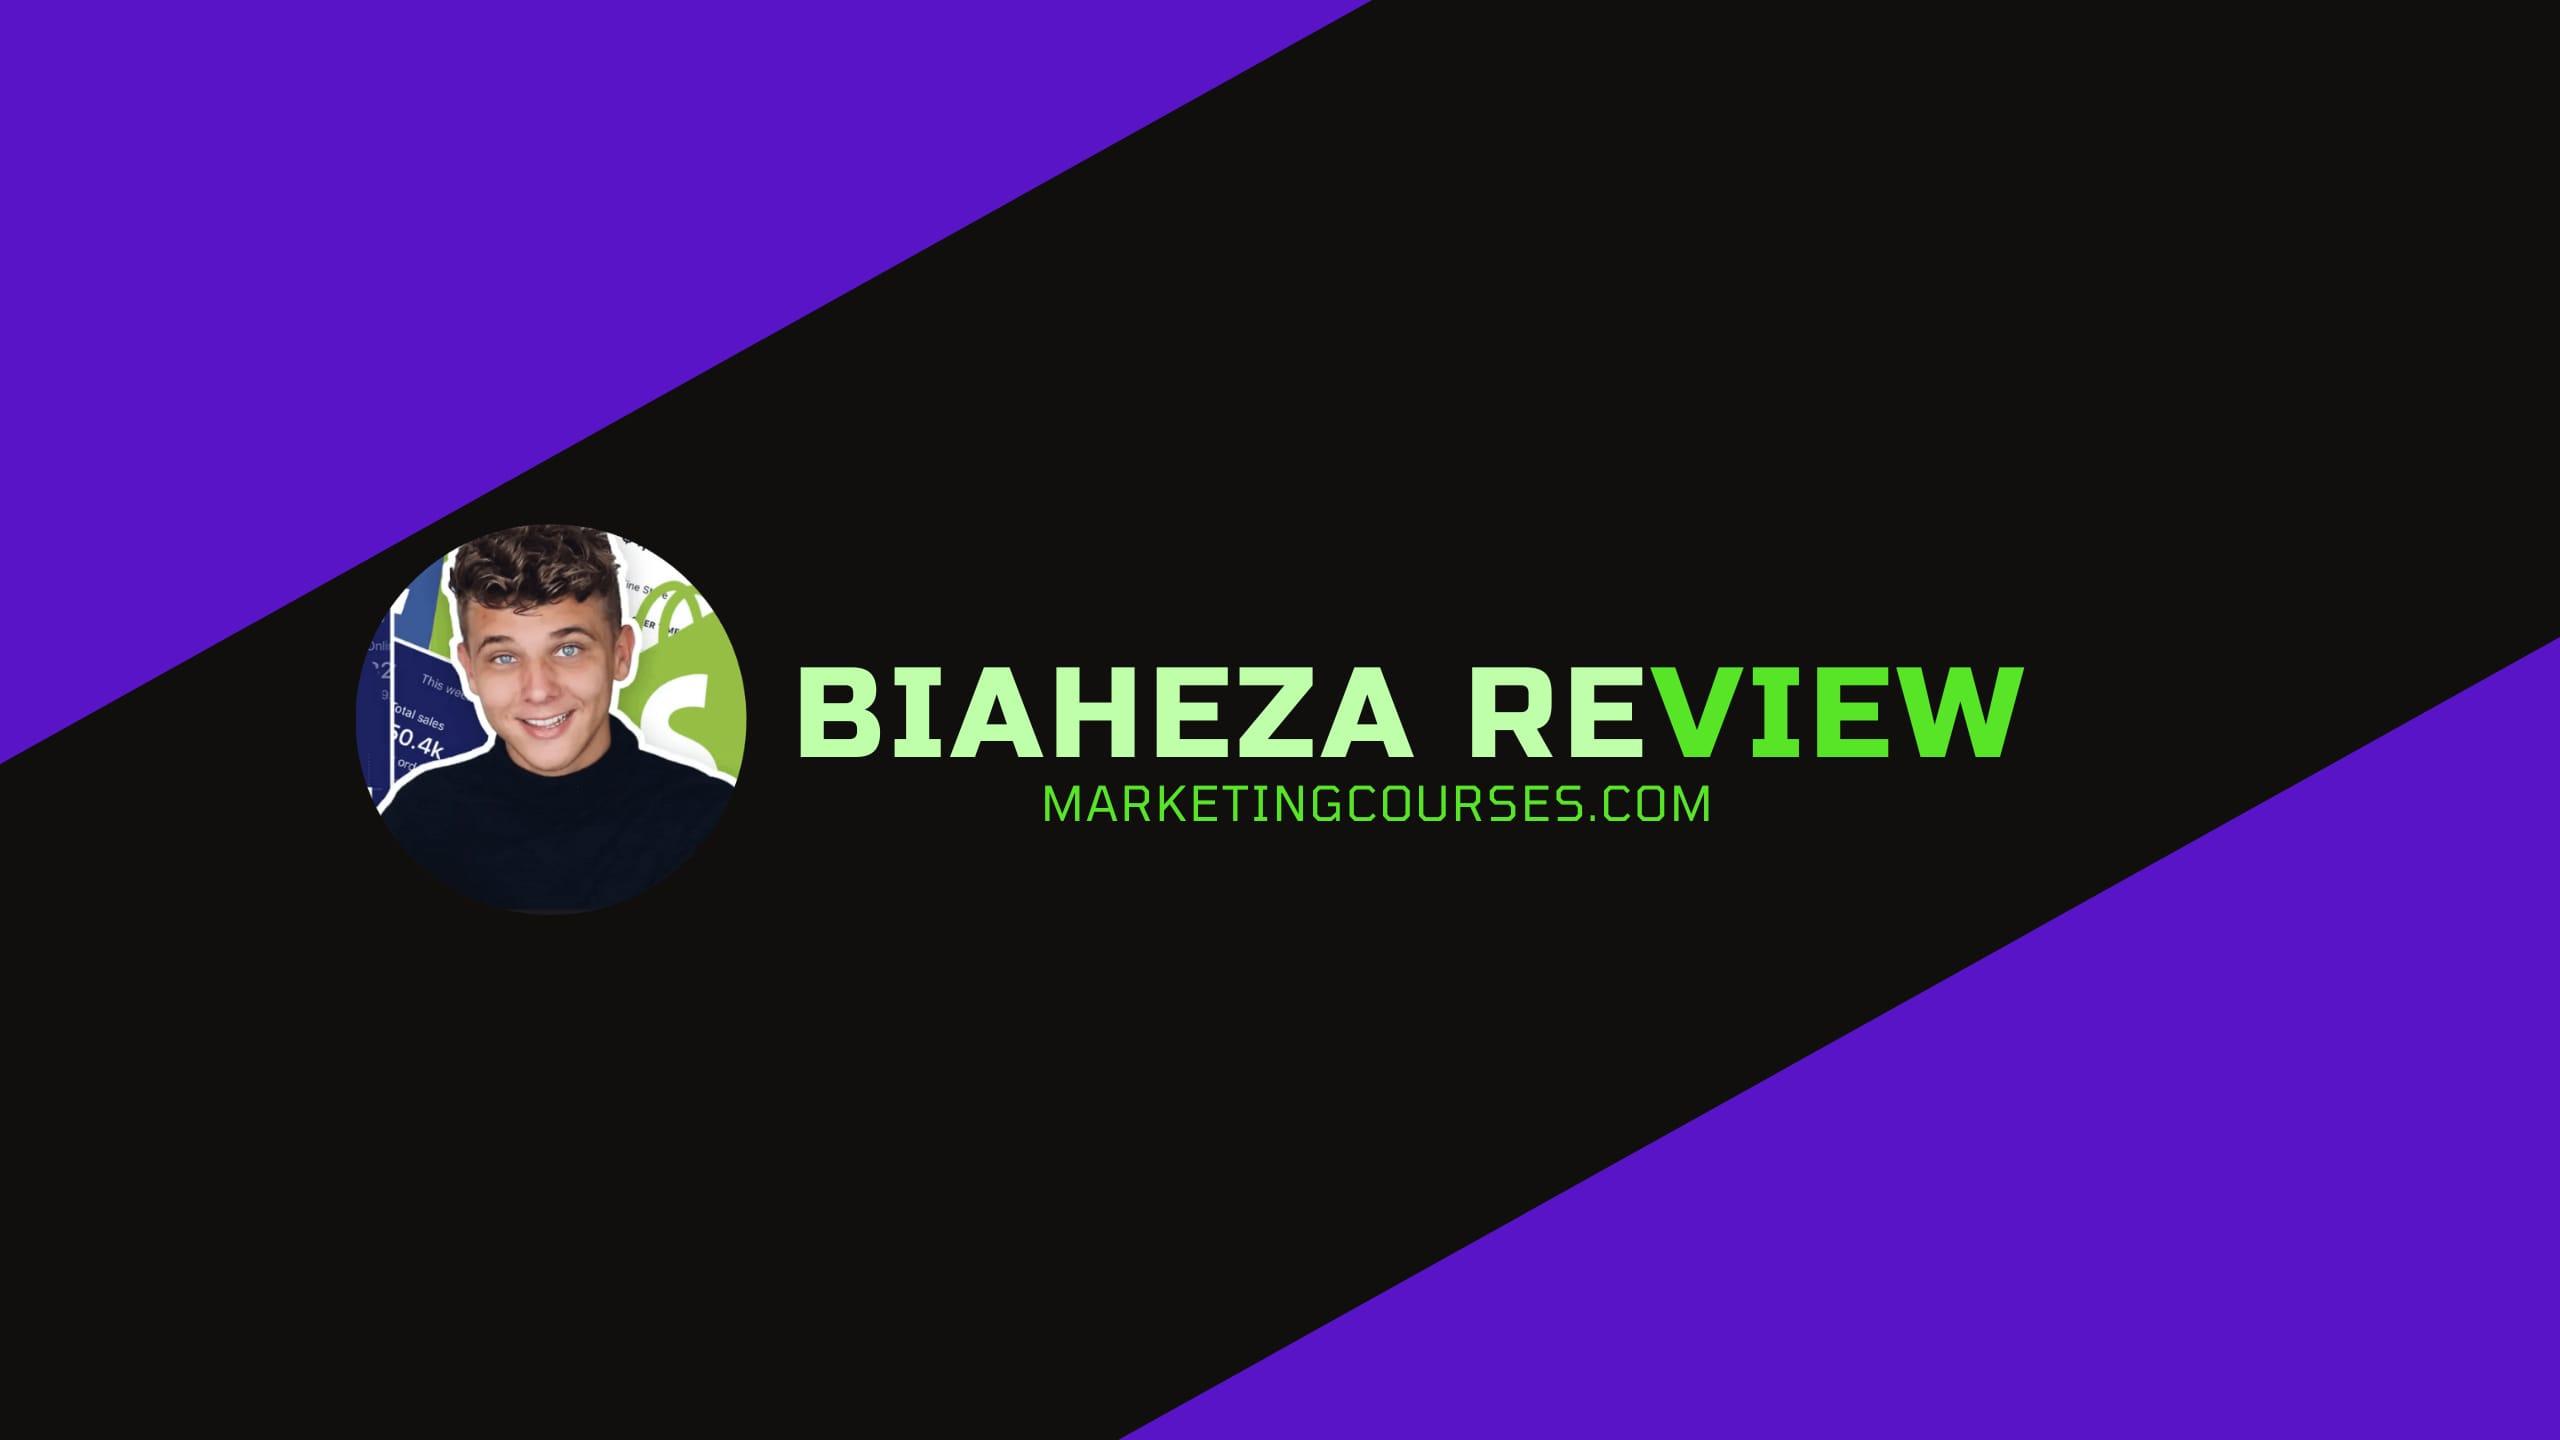 Biaheza Review